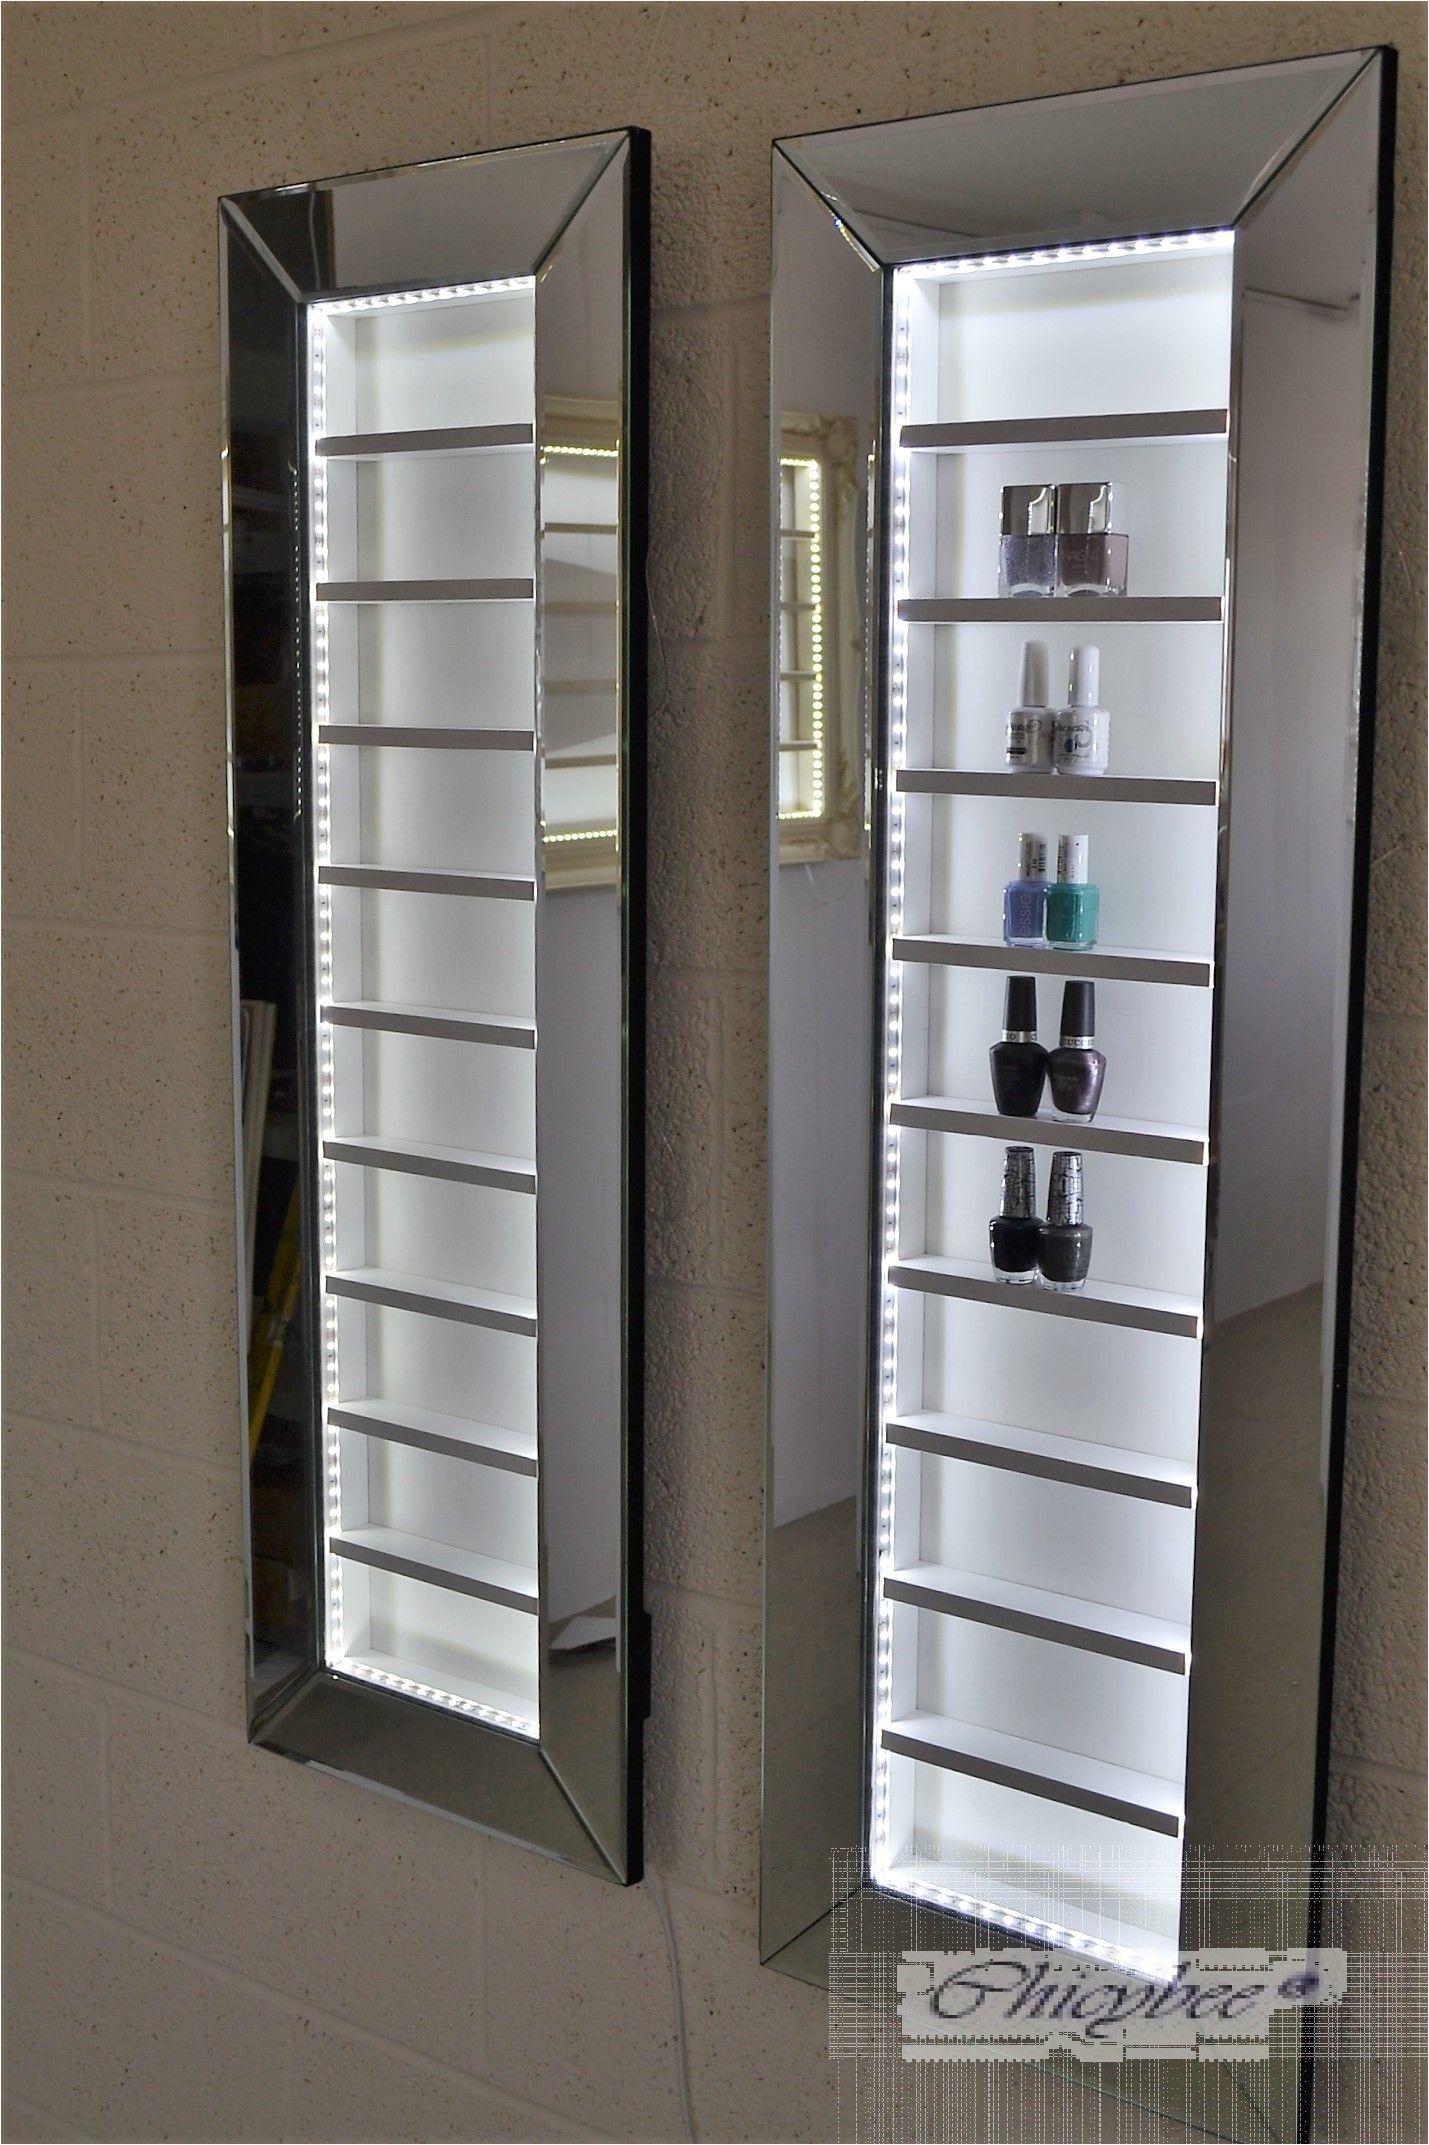 nail polish rack display cabinet make up organizer makeup organizer nail polish stand nail polish nail polish frame nail polish organizer